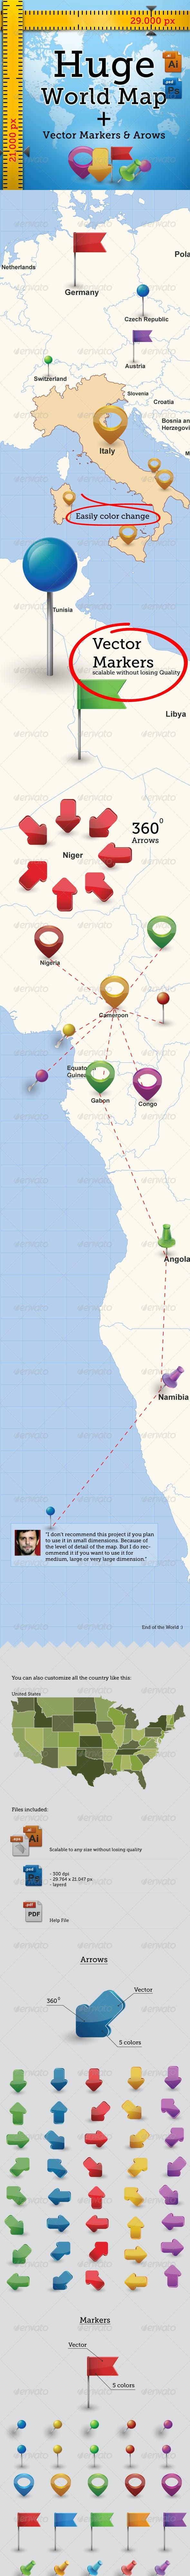 Huge Detailed World Map